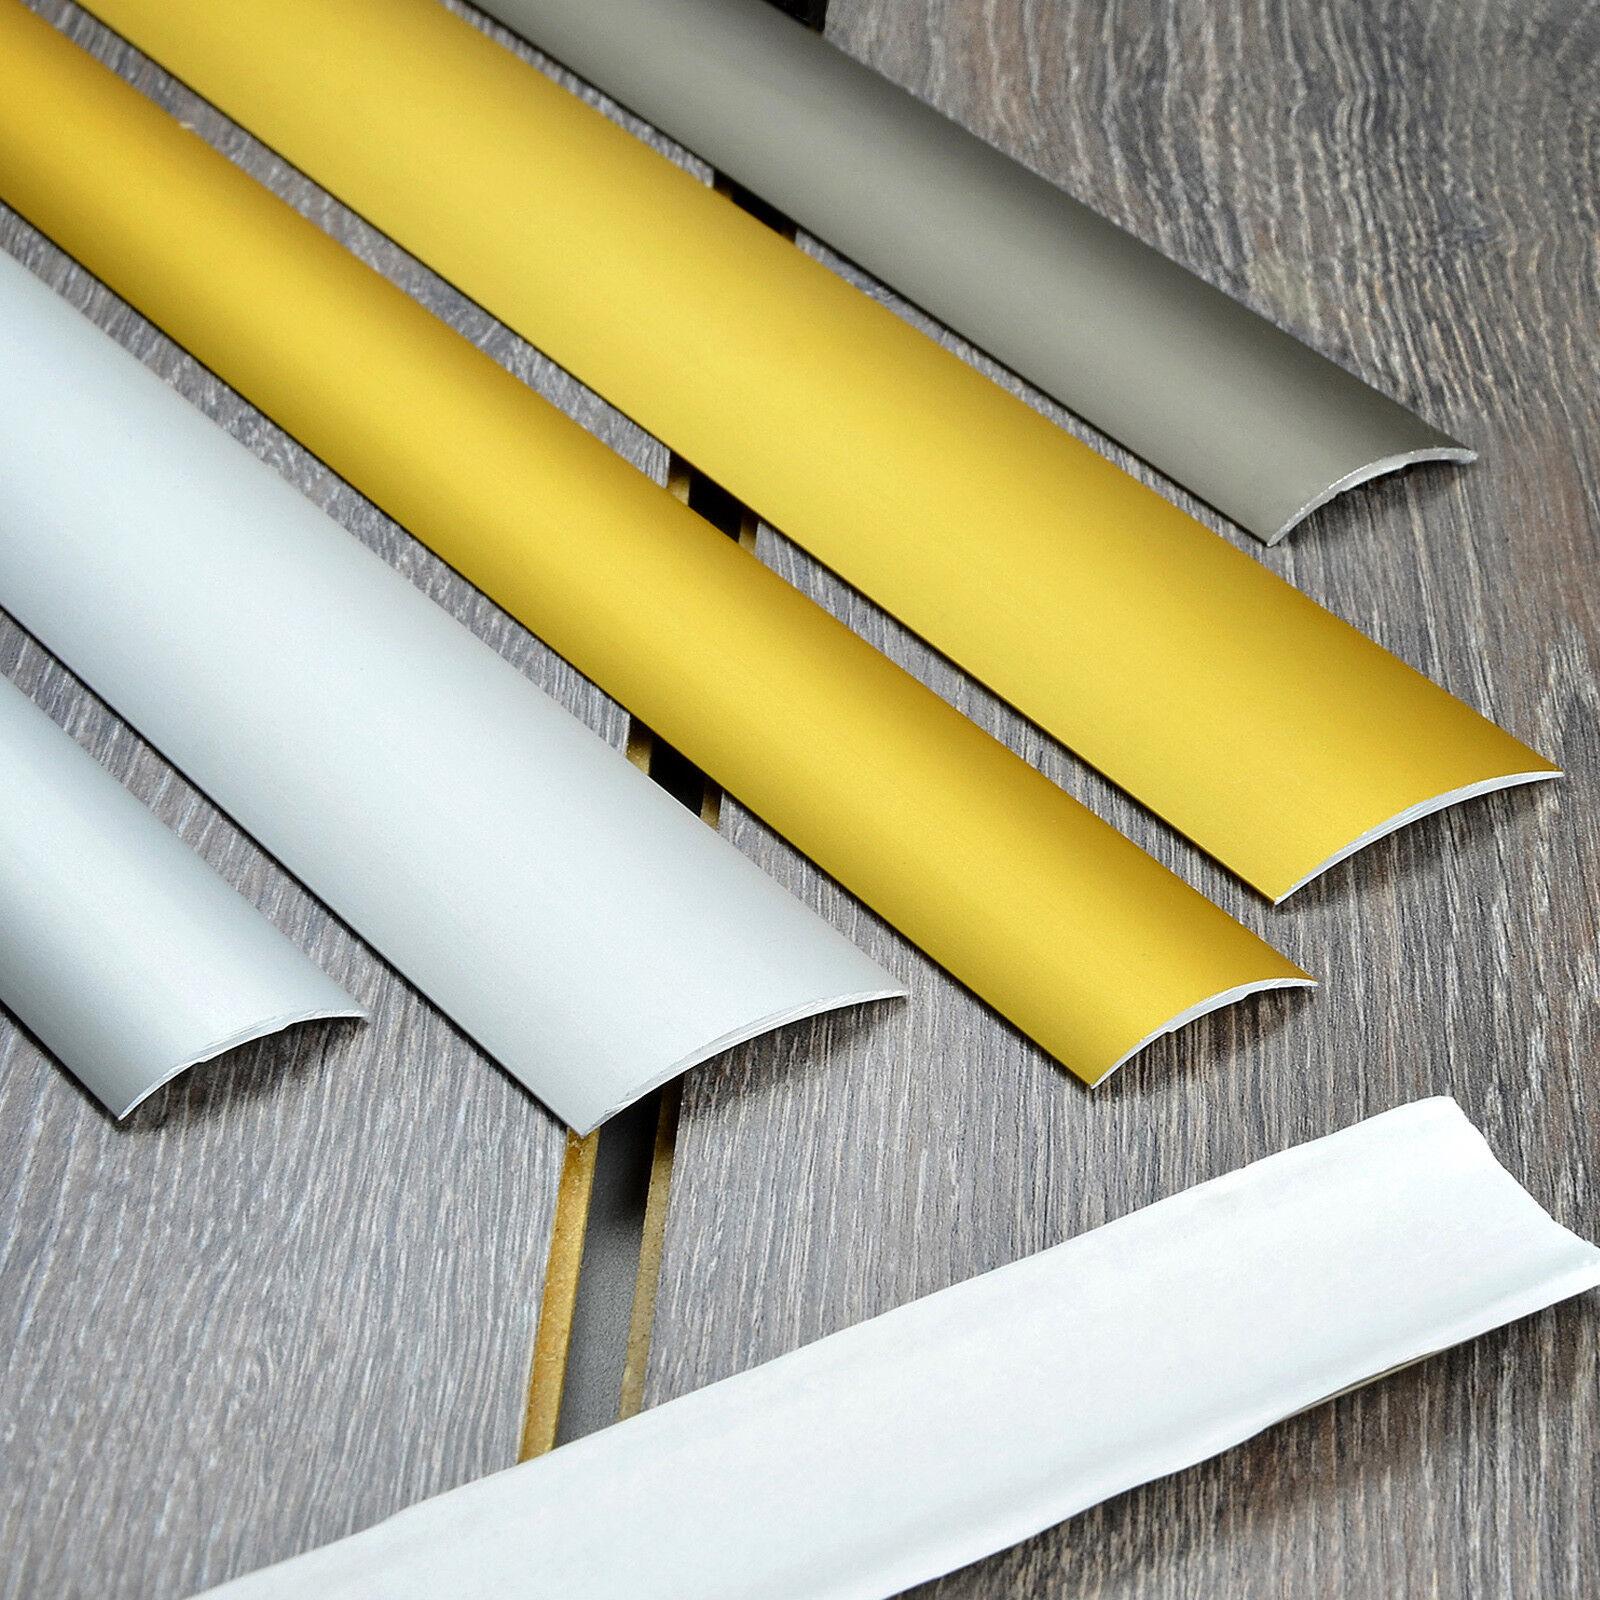 Abschlußprofil Übergangsprofil Bodenleiste Aluprofil Treppenprofil 90cm Schienen